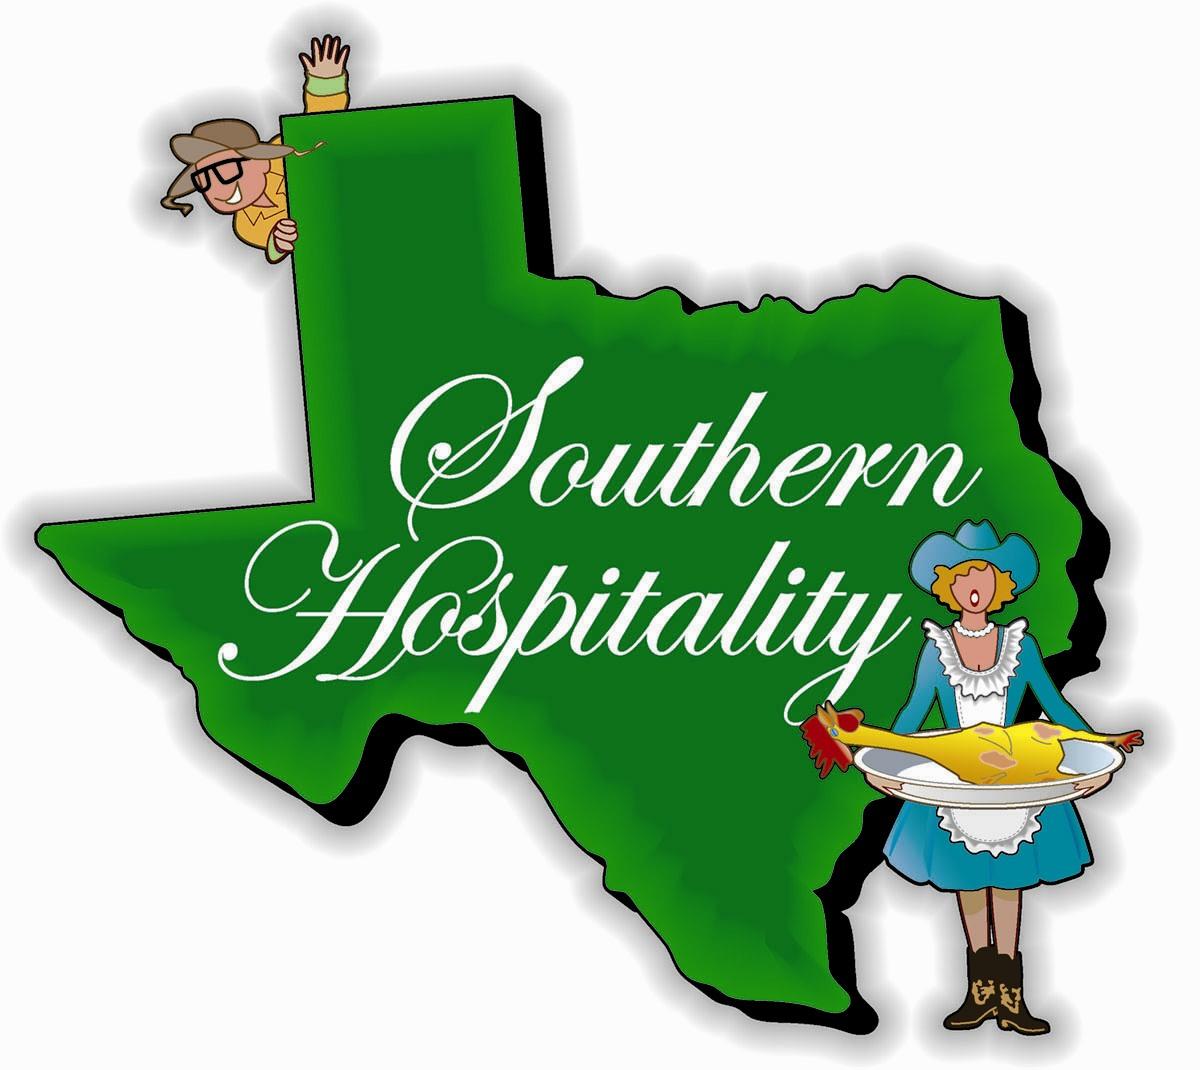 Southern Hospitality: Blog: July 2010